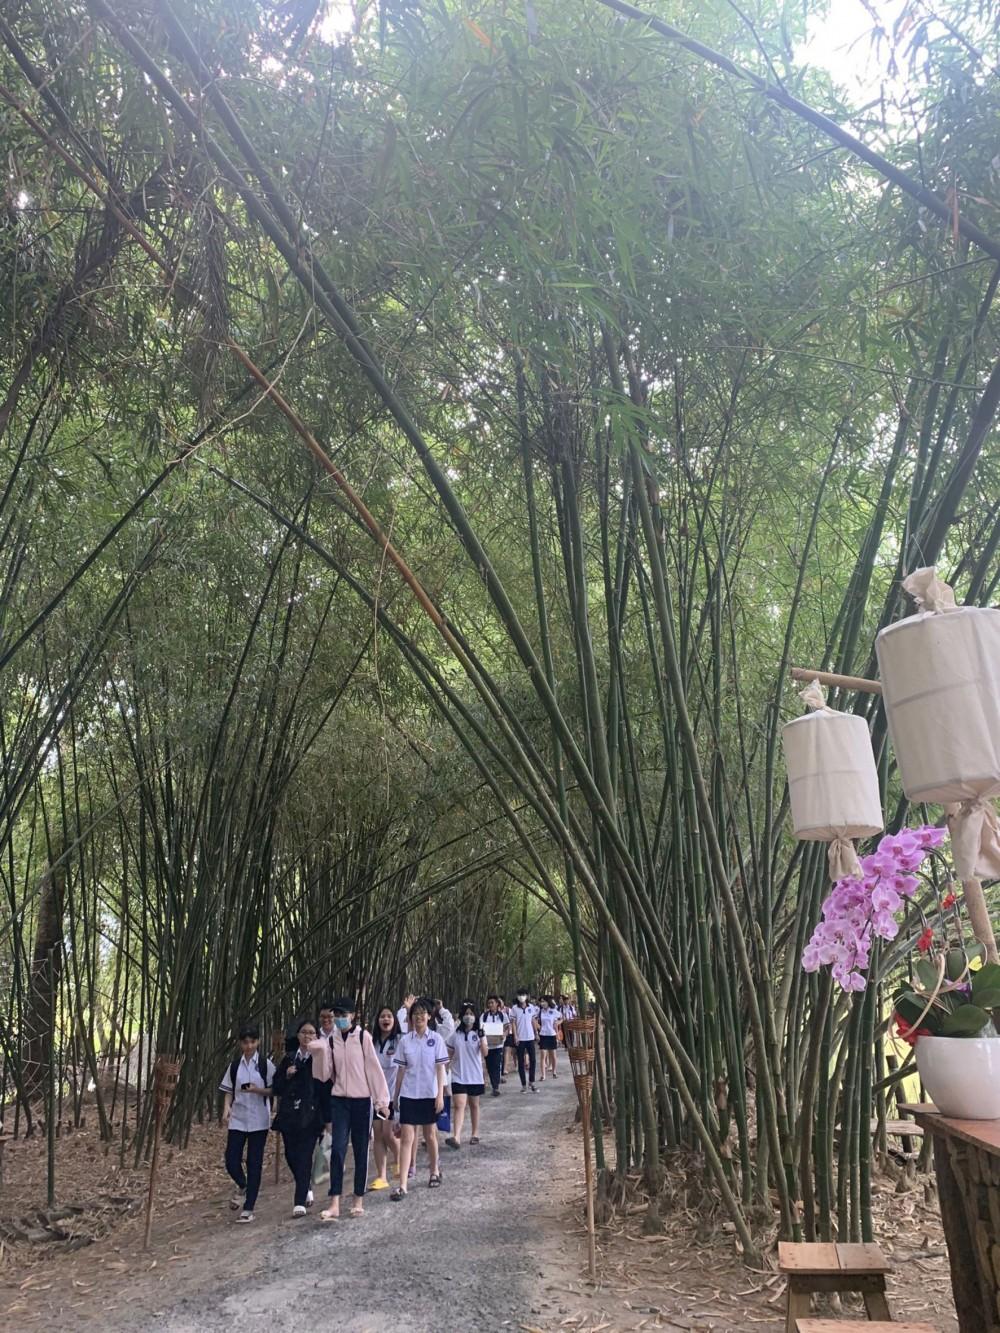 Khách du lịch dạo quanh dưới hàng tre râm mát.